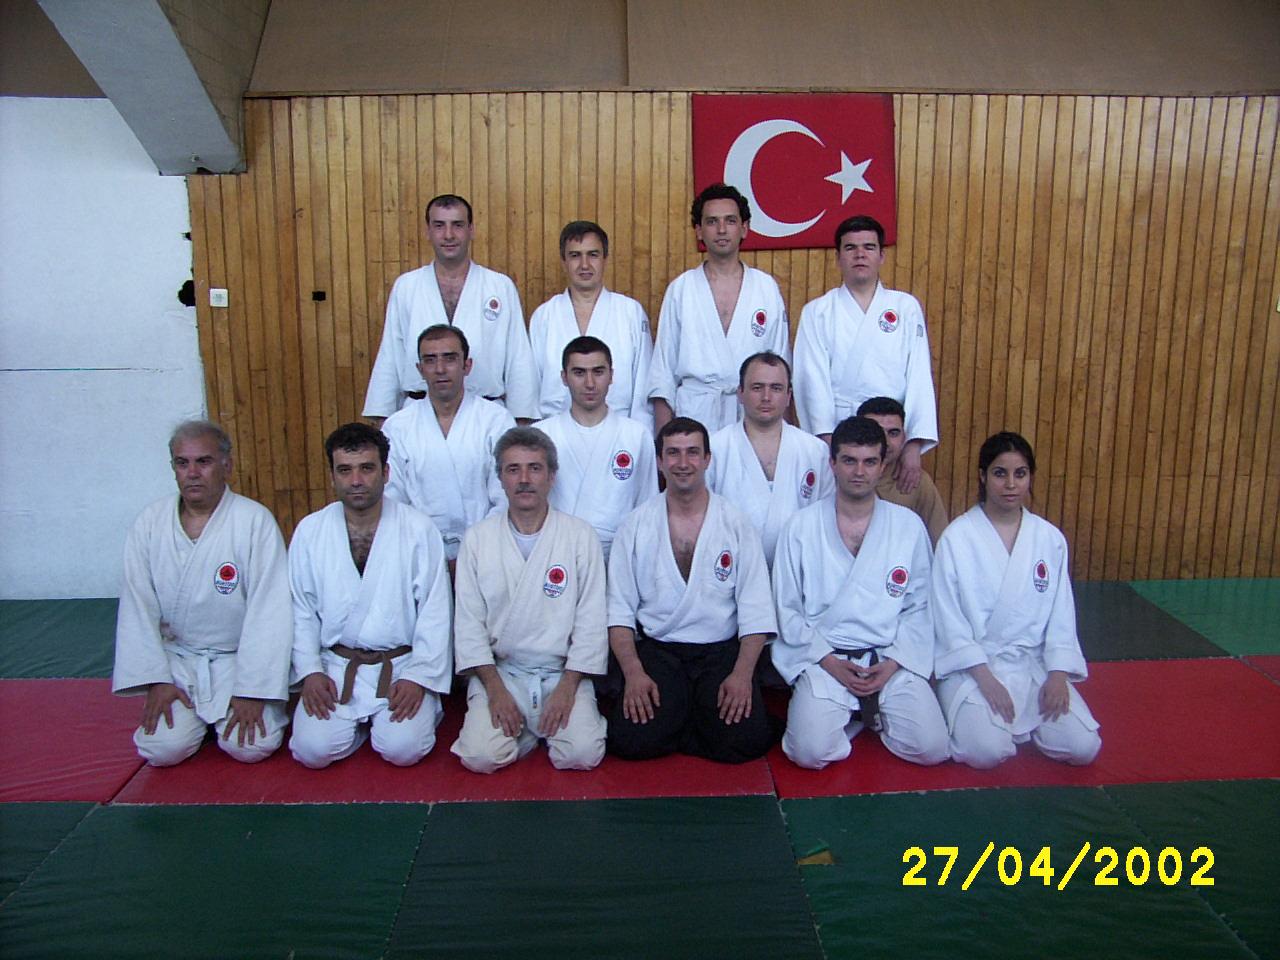 2002 Atatürk Spor Sarayında Çalışmalrımız devam ediyor